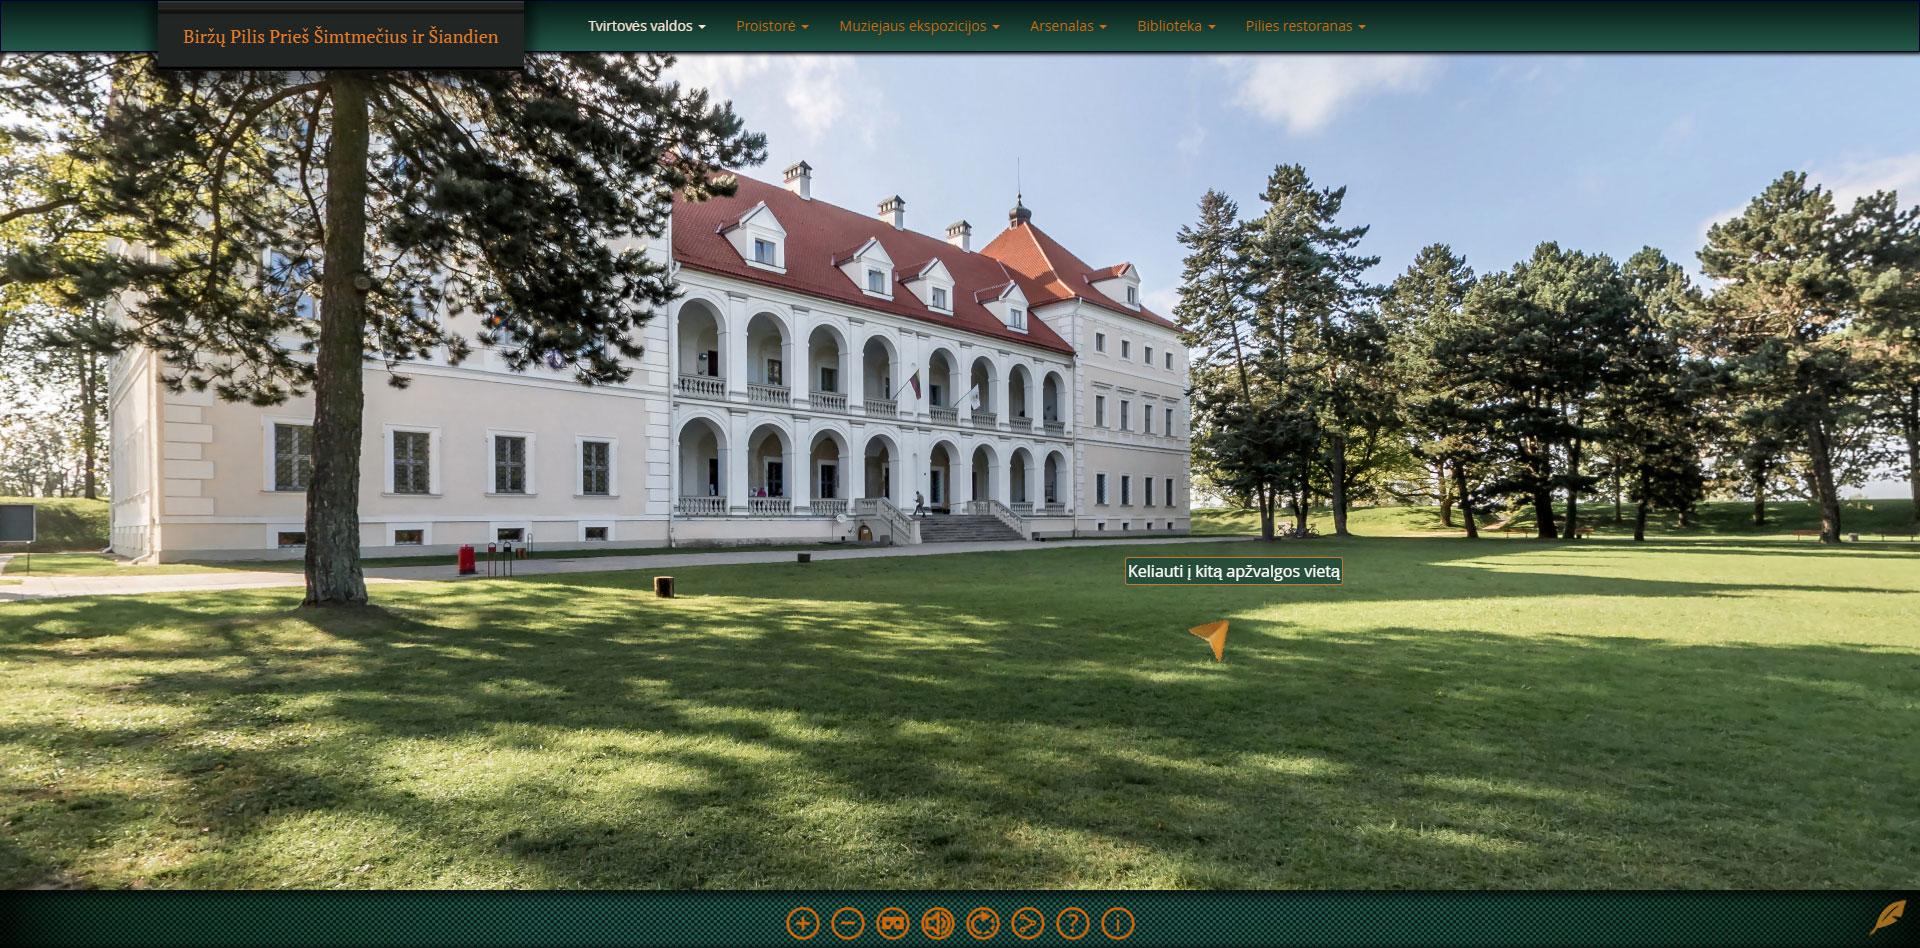 Biržų pilis virtuali ekskursija 3d turas